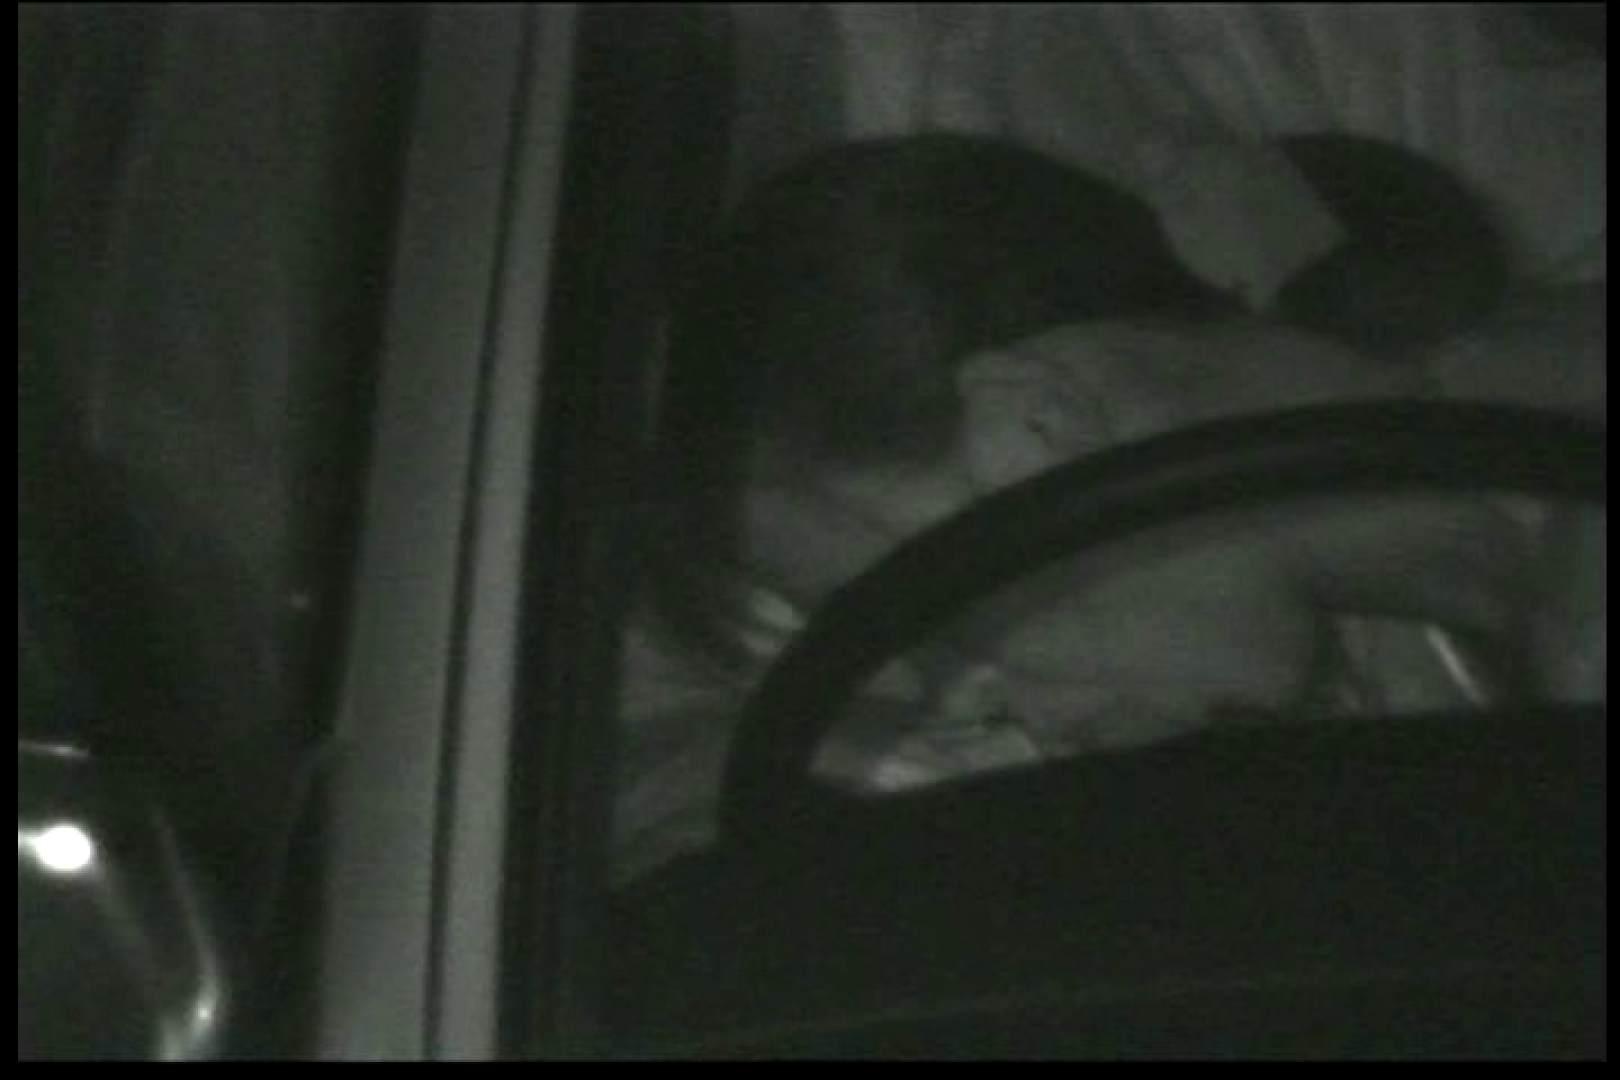 車の中はラブホテル 無修正版  Vol.12 ラブホテル隠し撮り おめこ無修正動画無料 87pic 15